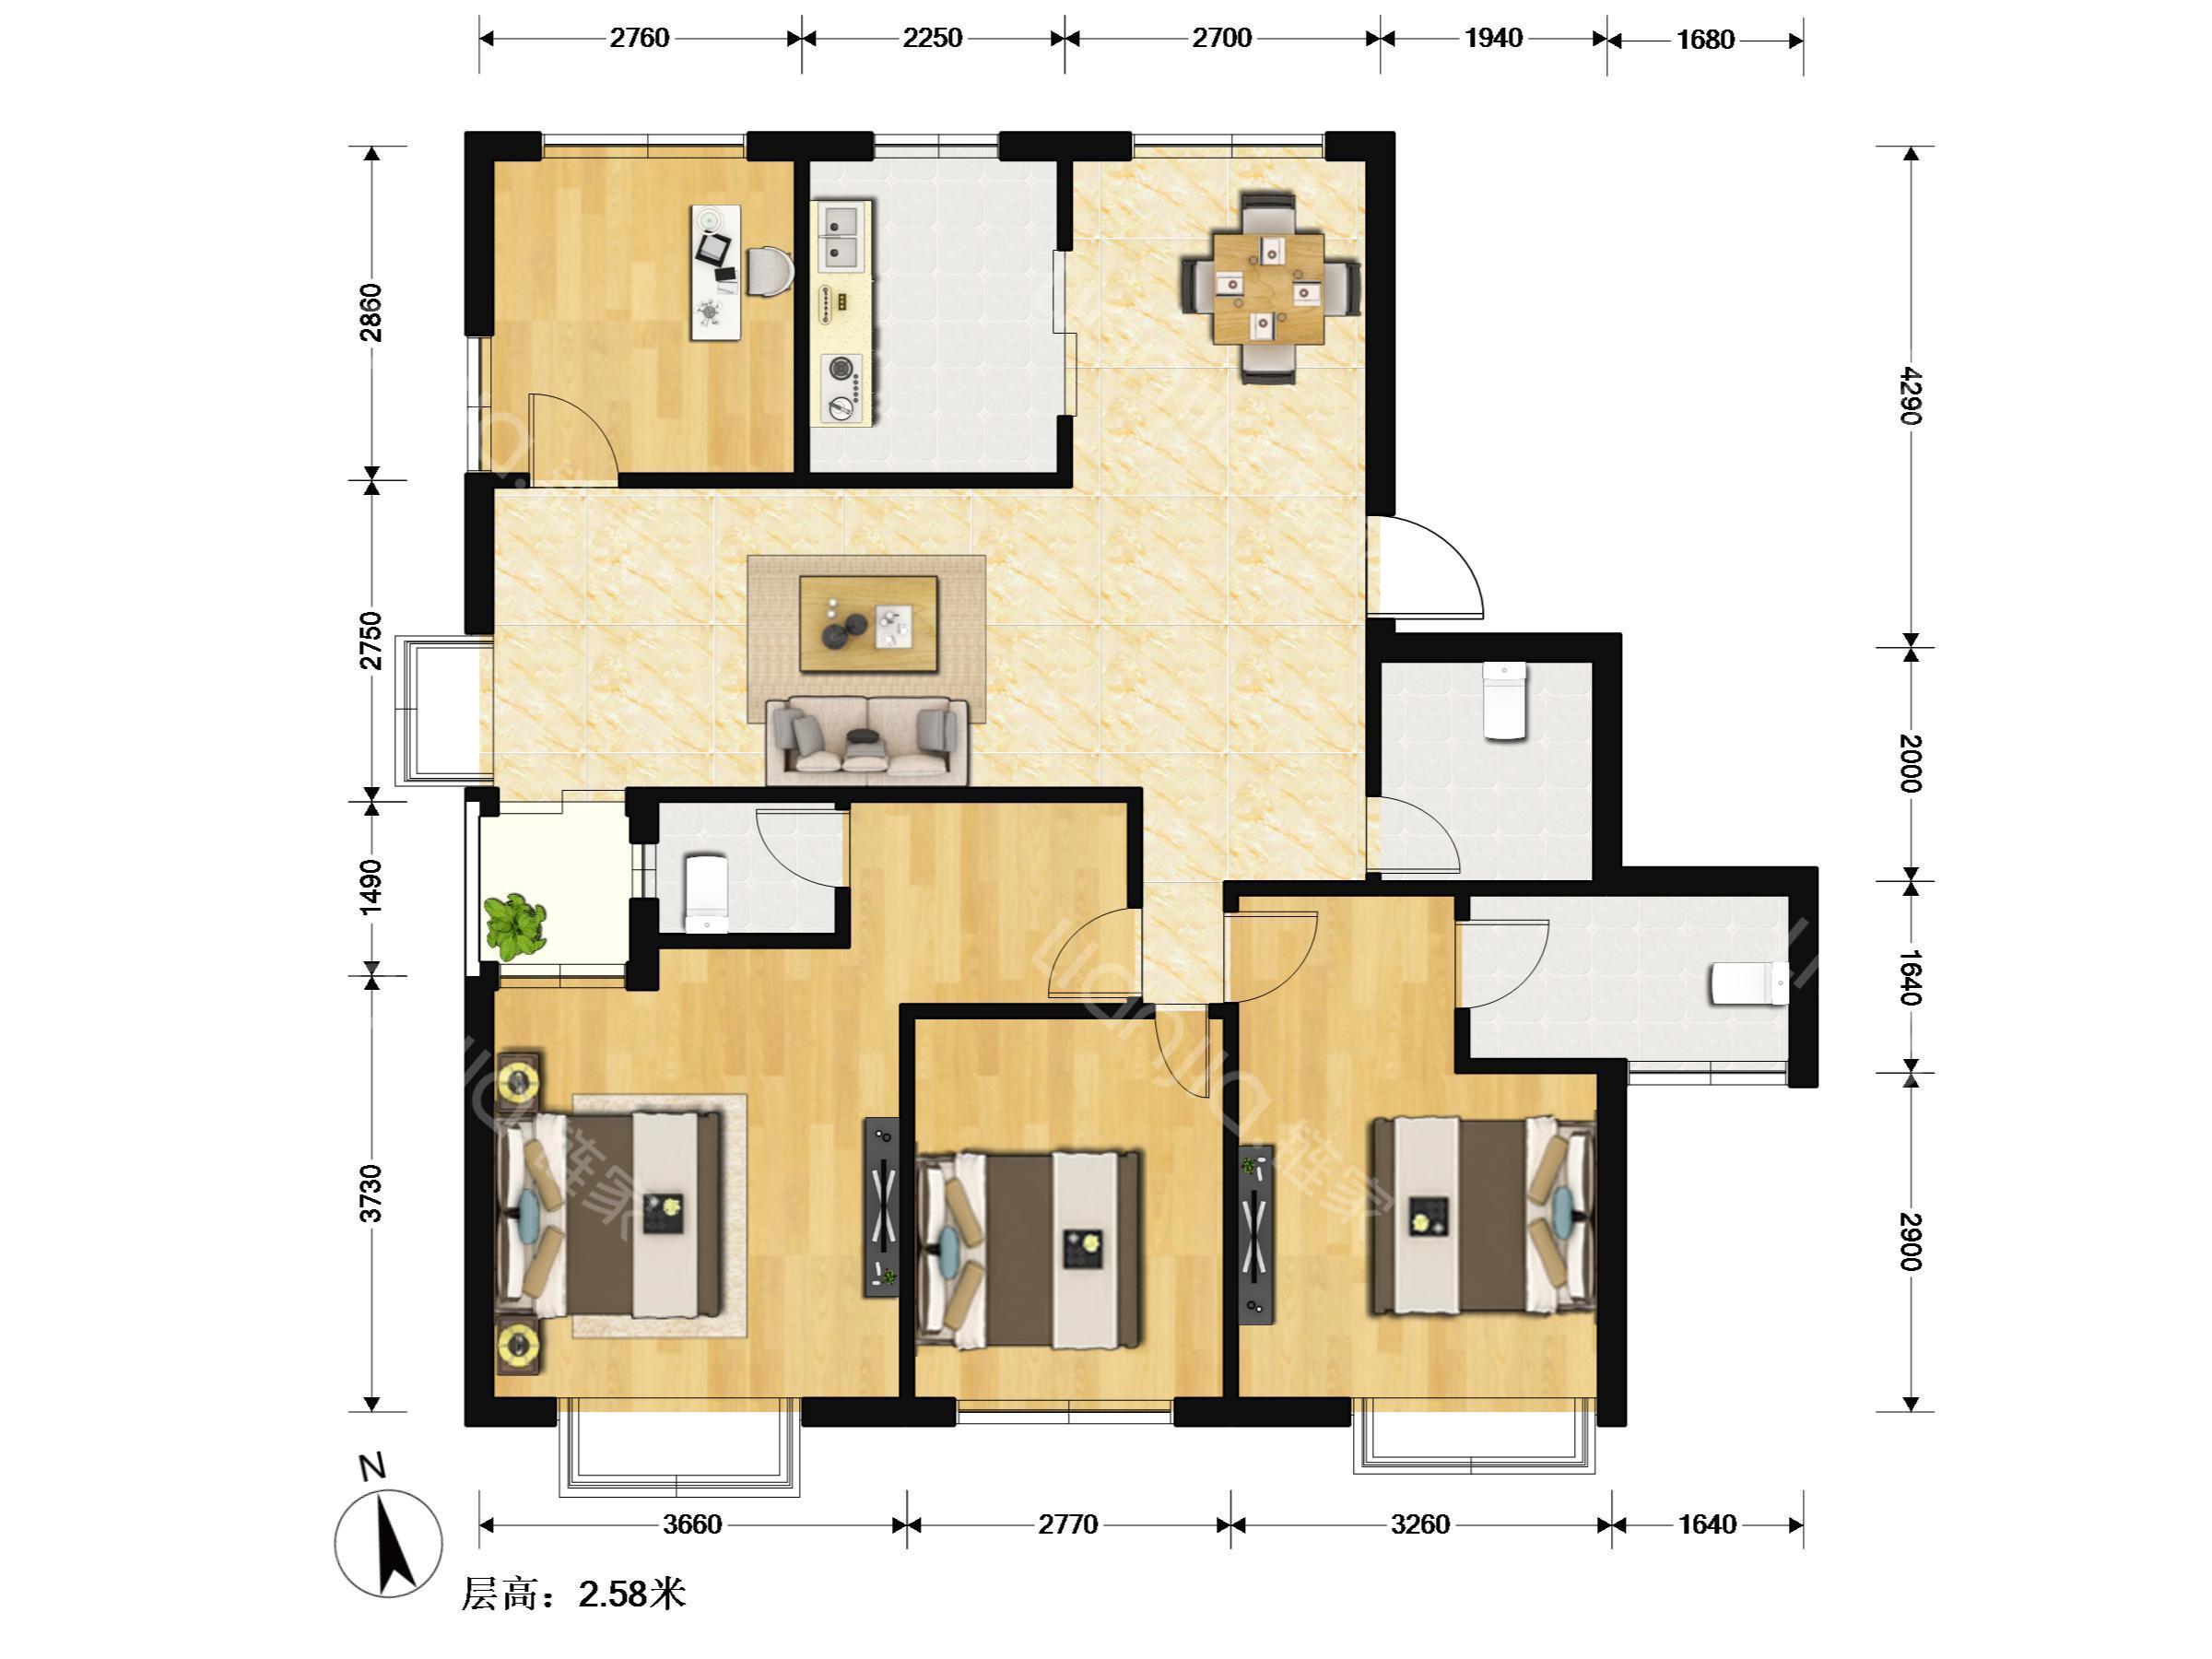 农村二层房四房一厅房屋设计图分享展示